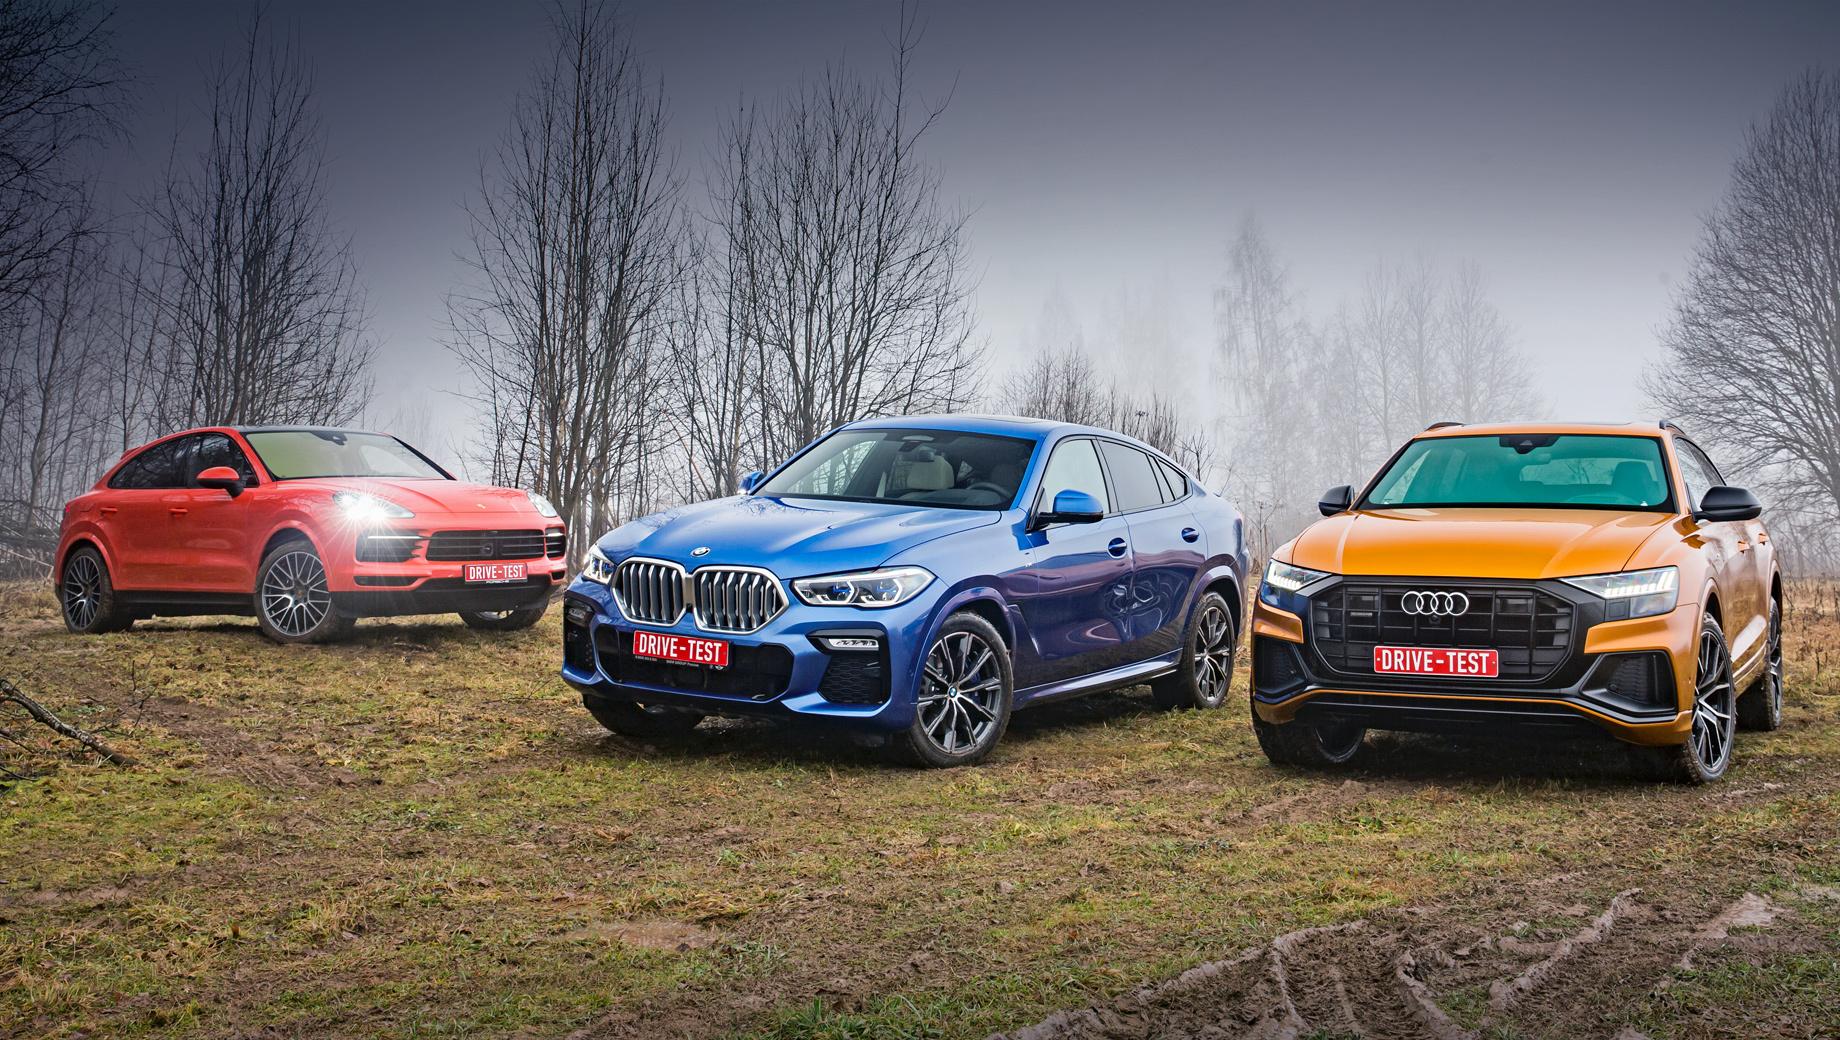 Audi q8,Bmw x6,Porsche cayenne coupe. Porsche (340 л.с.) стартует с 5,88 млн рублей. Немного демократичнее бензиновый BMW X6 xDrive40i той же мощности — от 5,63 млн. Audi Q8 55 TFSI стоит минимум 5,27 млн. Дизельные модификации выгоднее: X6 xDrive30d обойдётся в 5,53 млн, а Q8 45 TDI — в 5 145 000.